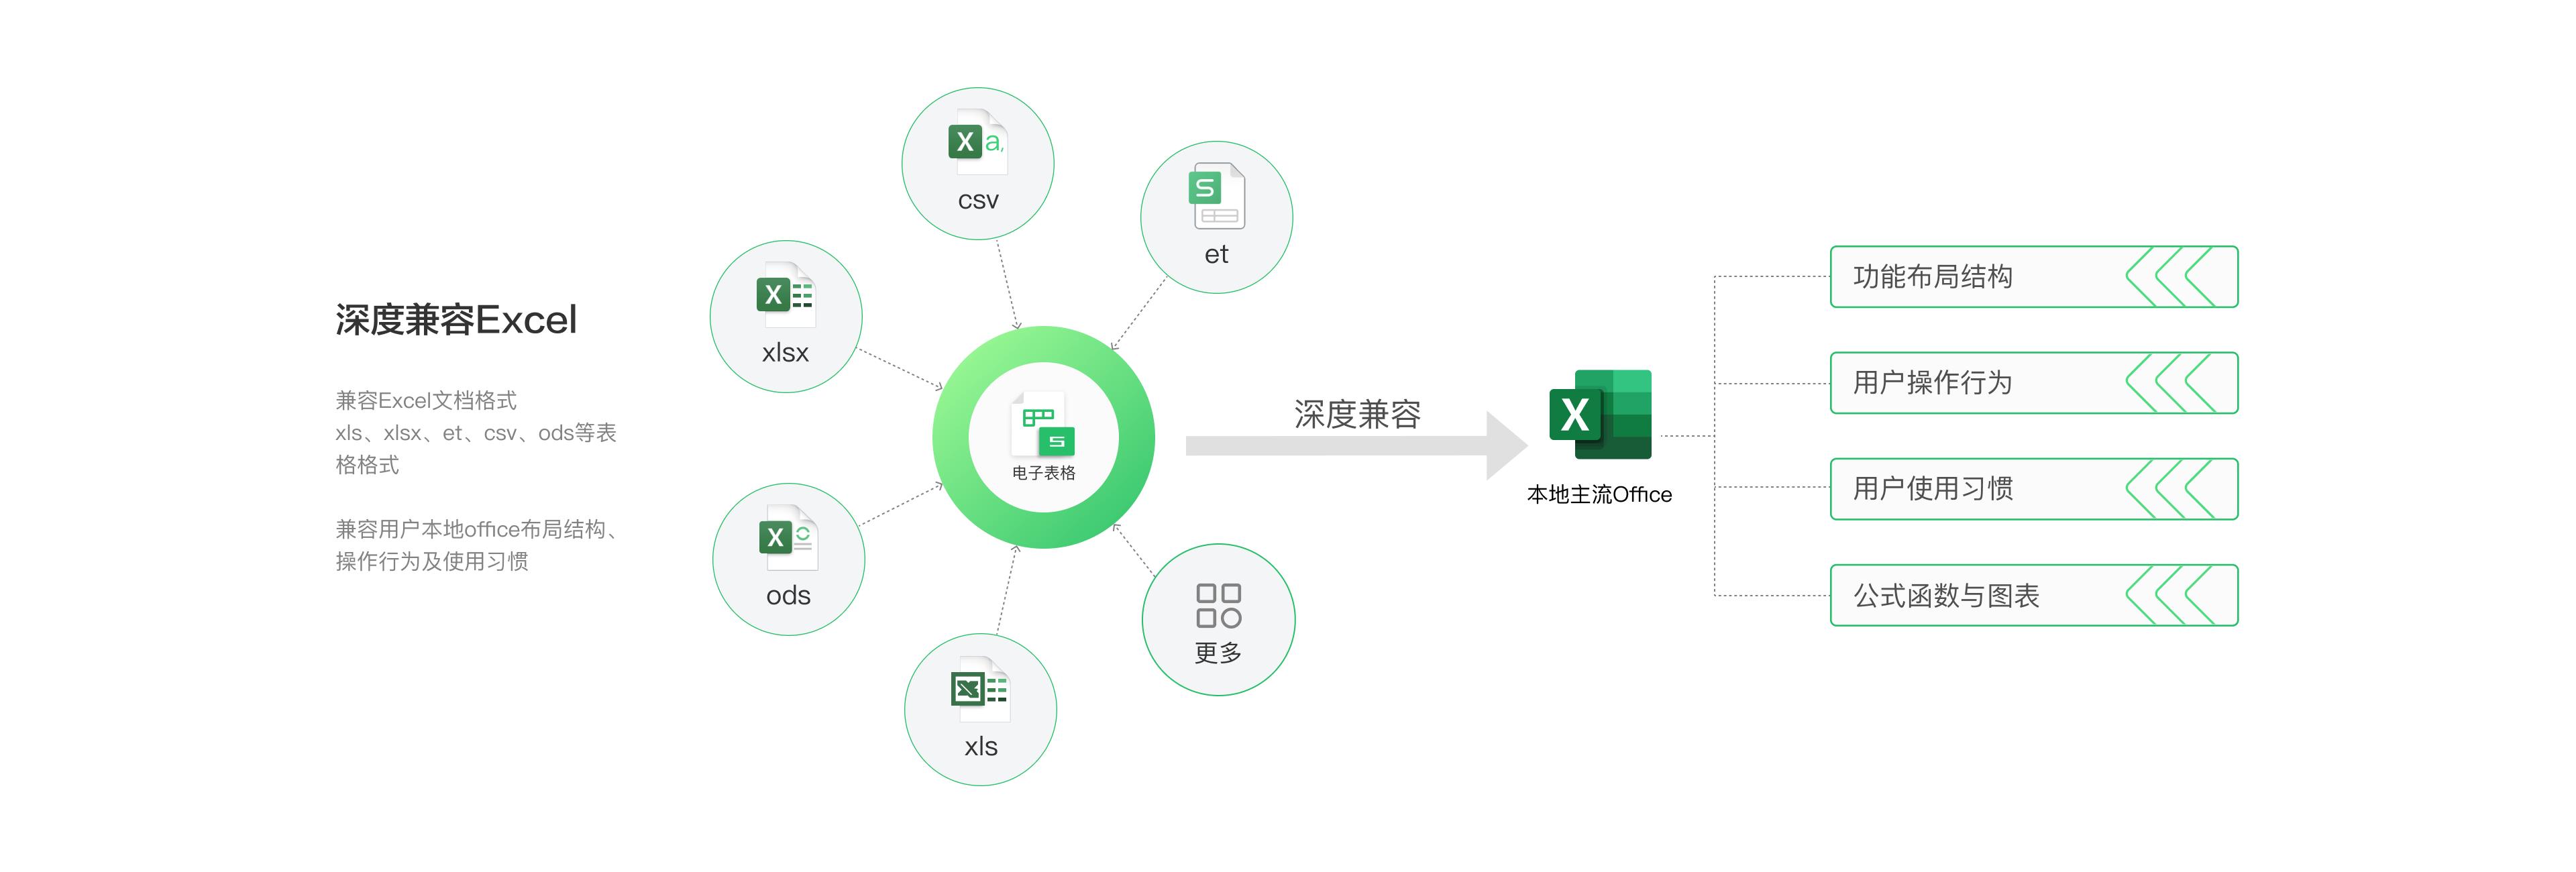 深度兼容Excel.png